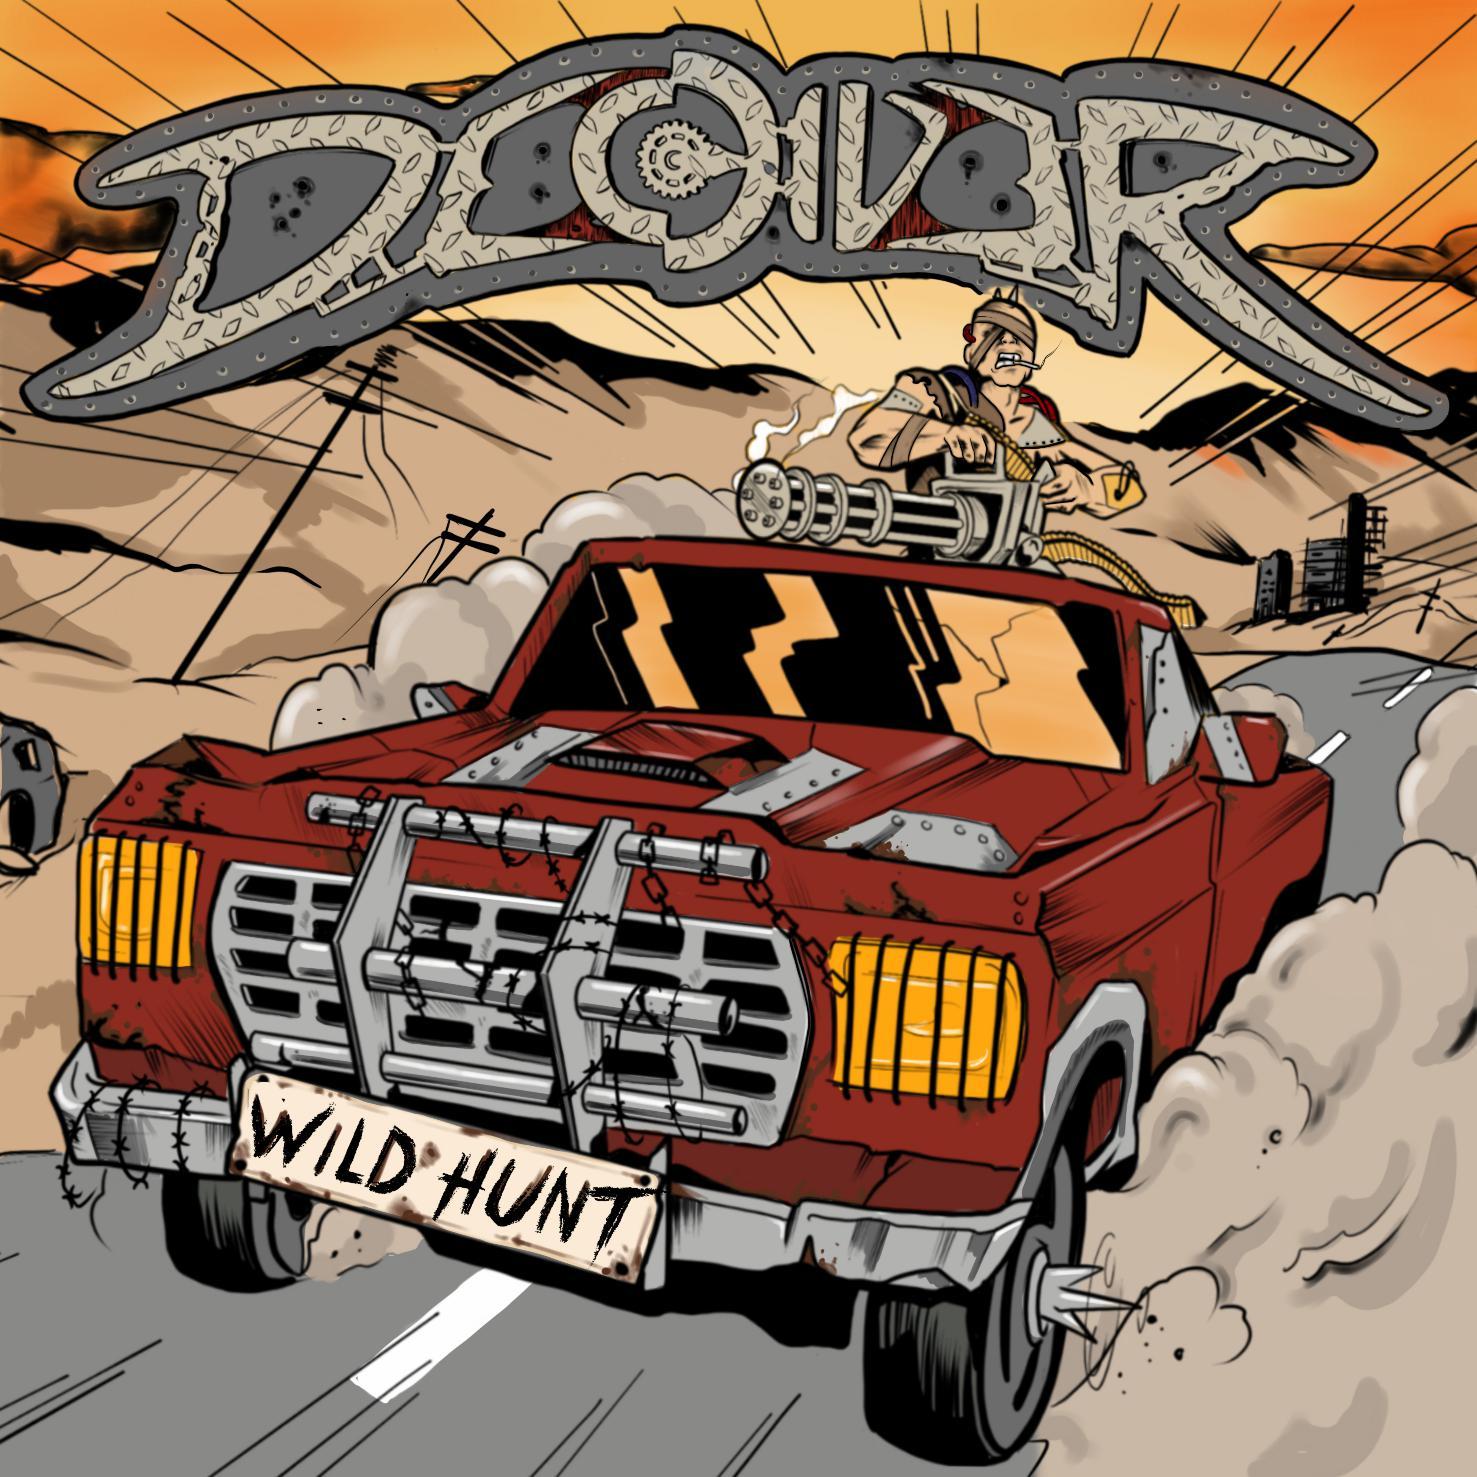 08 – Deceiver – Wild Hunt